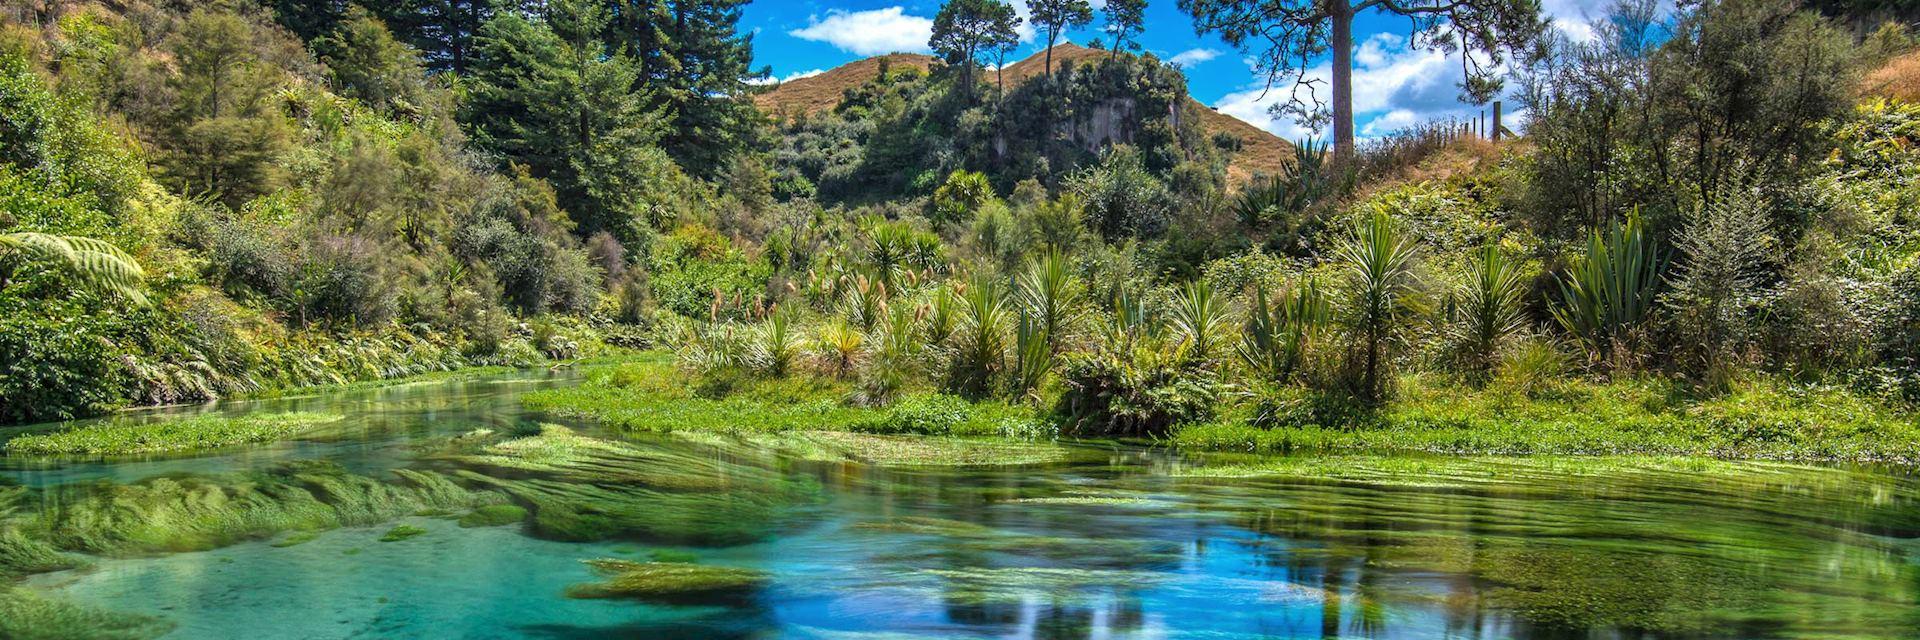 Waikato region, New Zealand